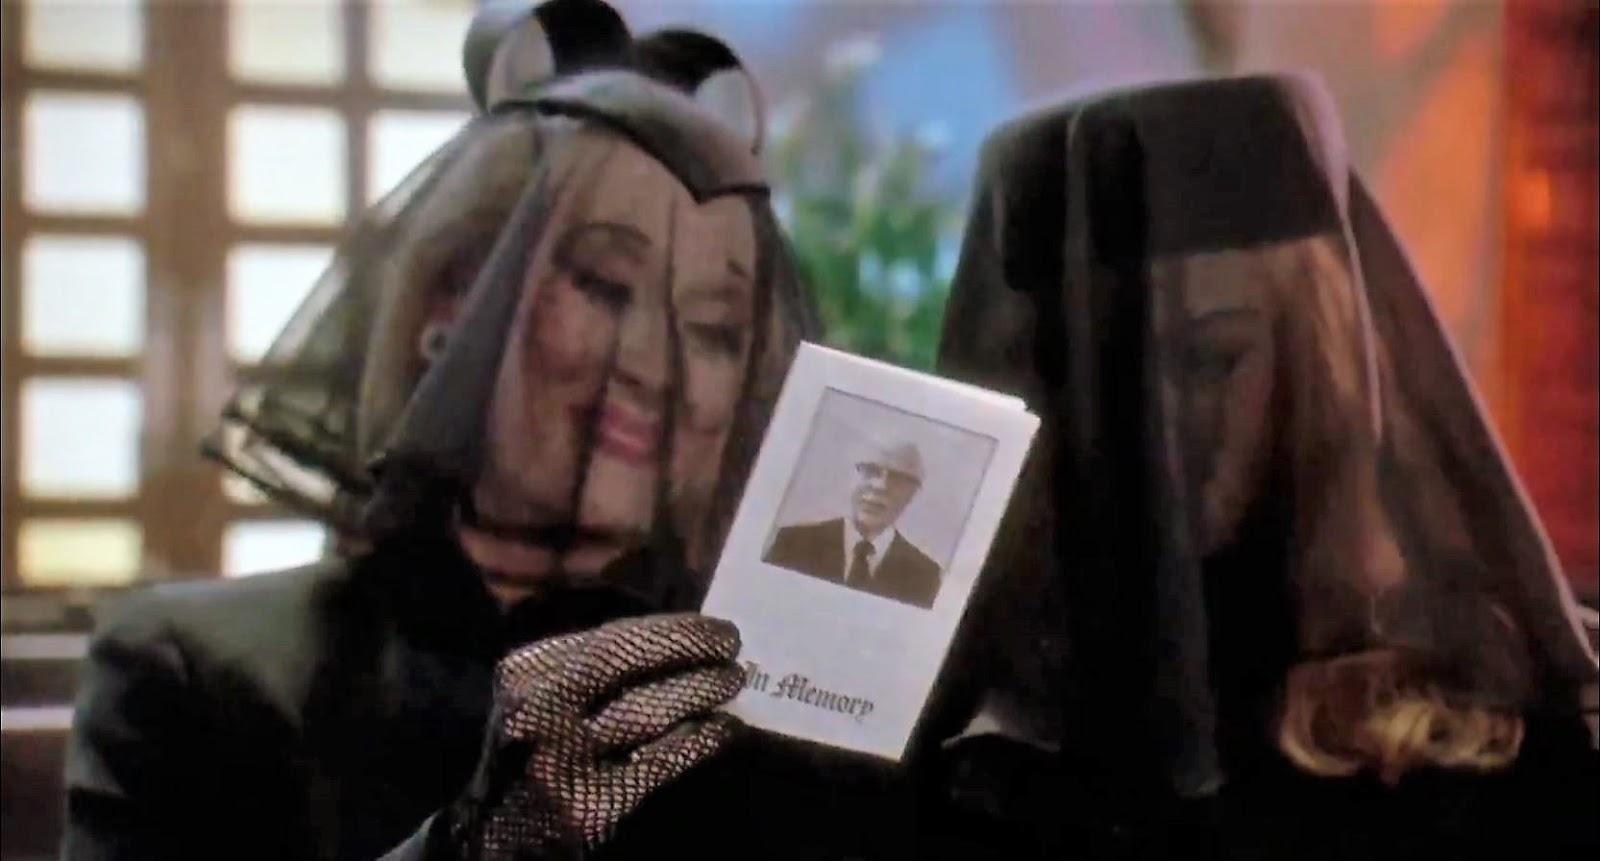 Meryl-Streep-Goldie-Hawn-Death-Becomes-Her-1992 (3).jpg